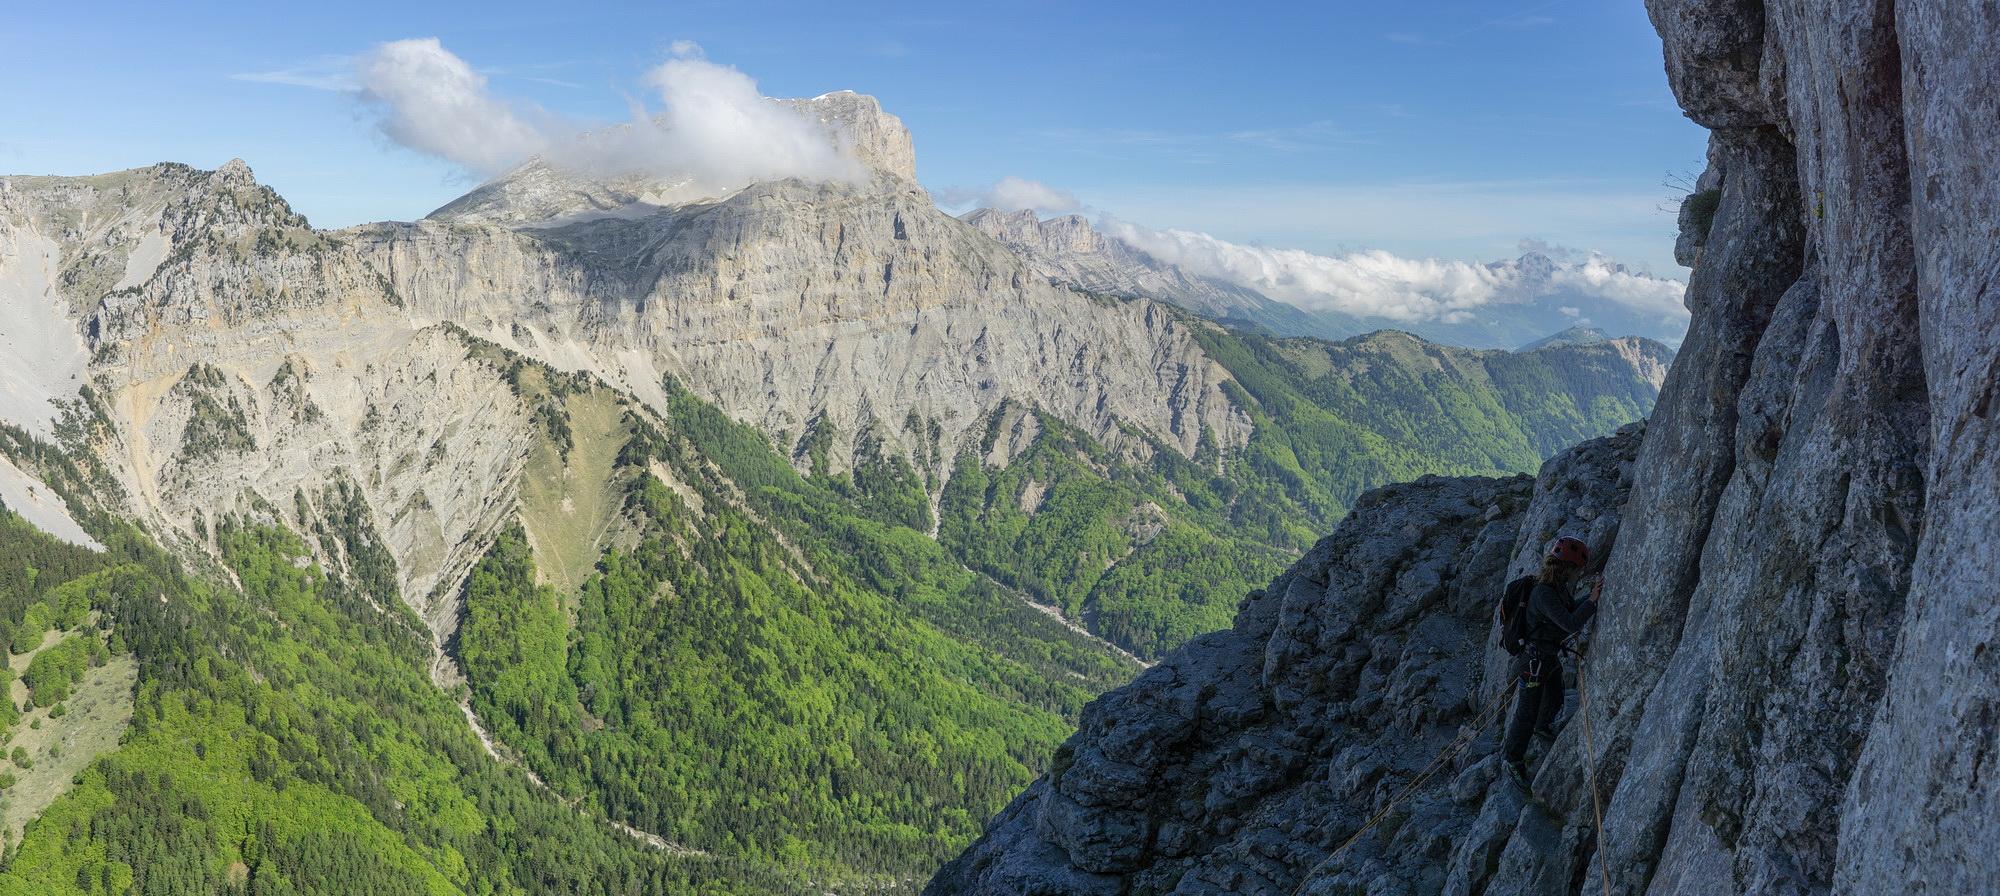 voie normale du mont aiguille guidesdesarcs